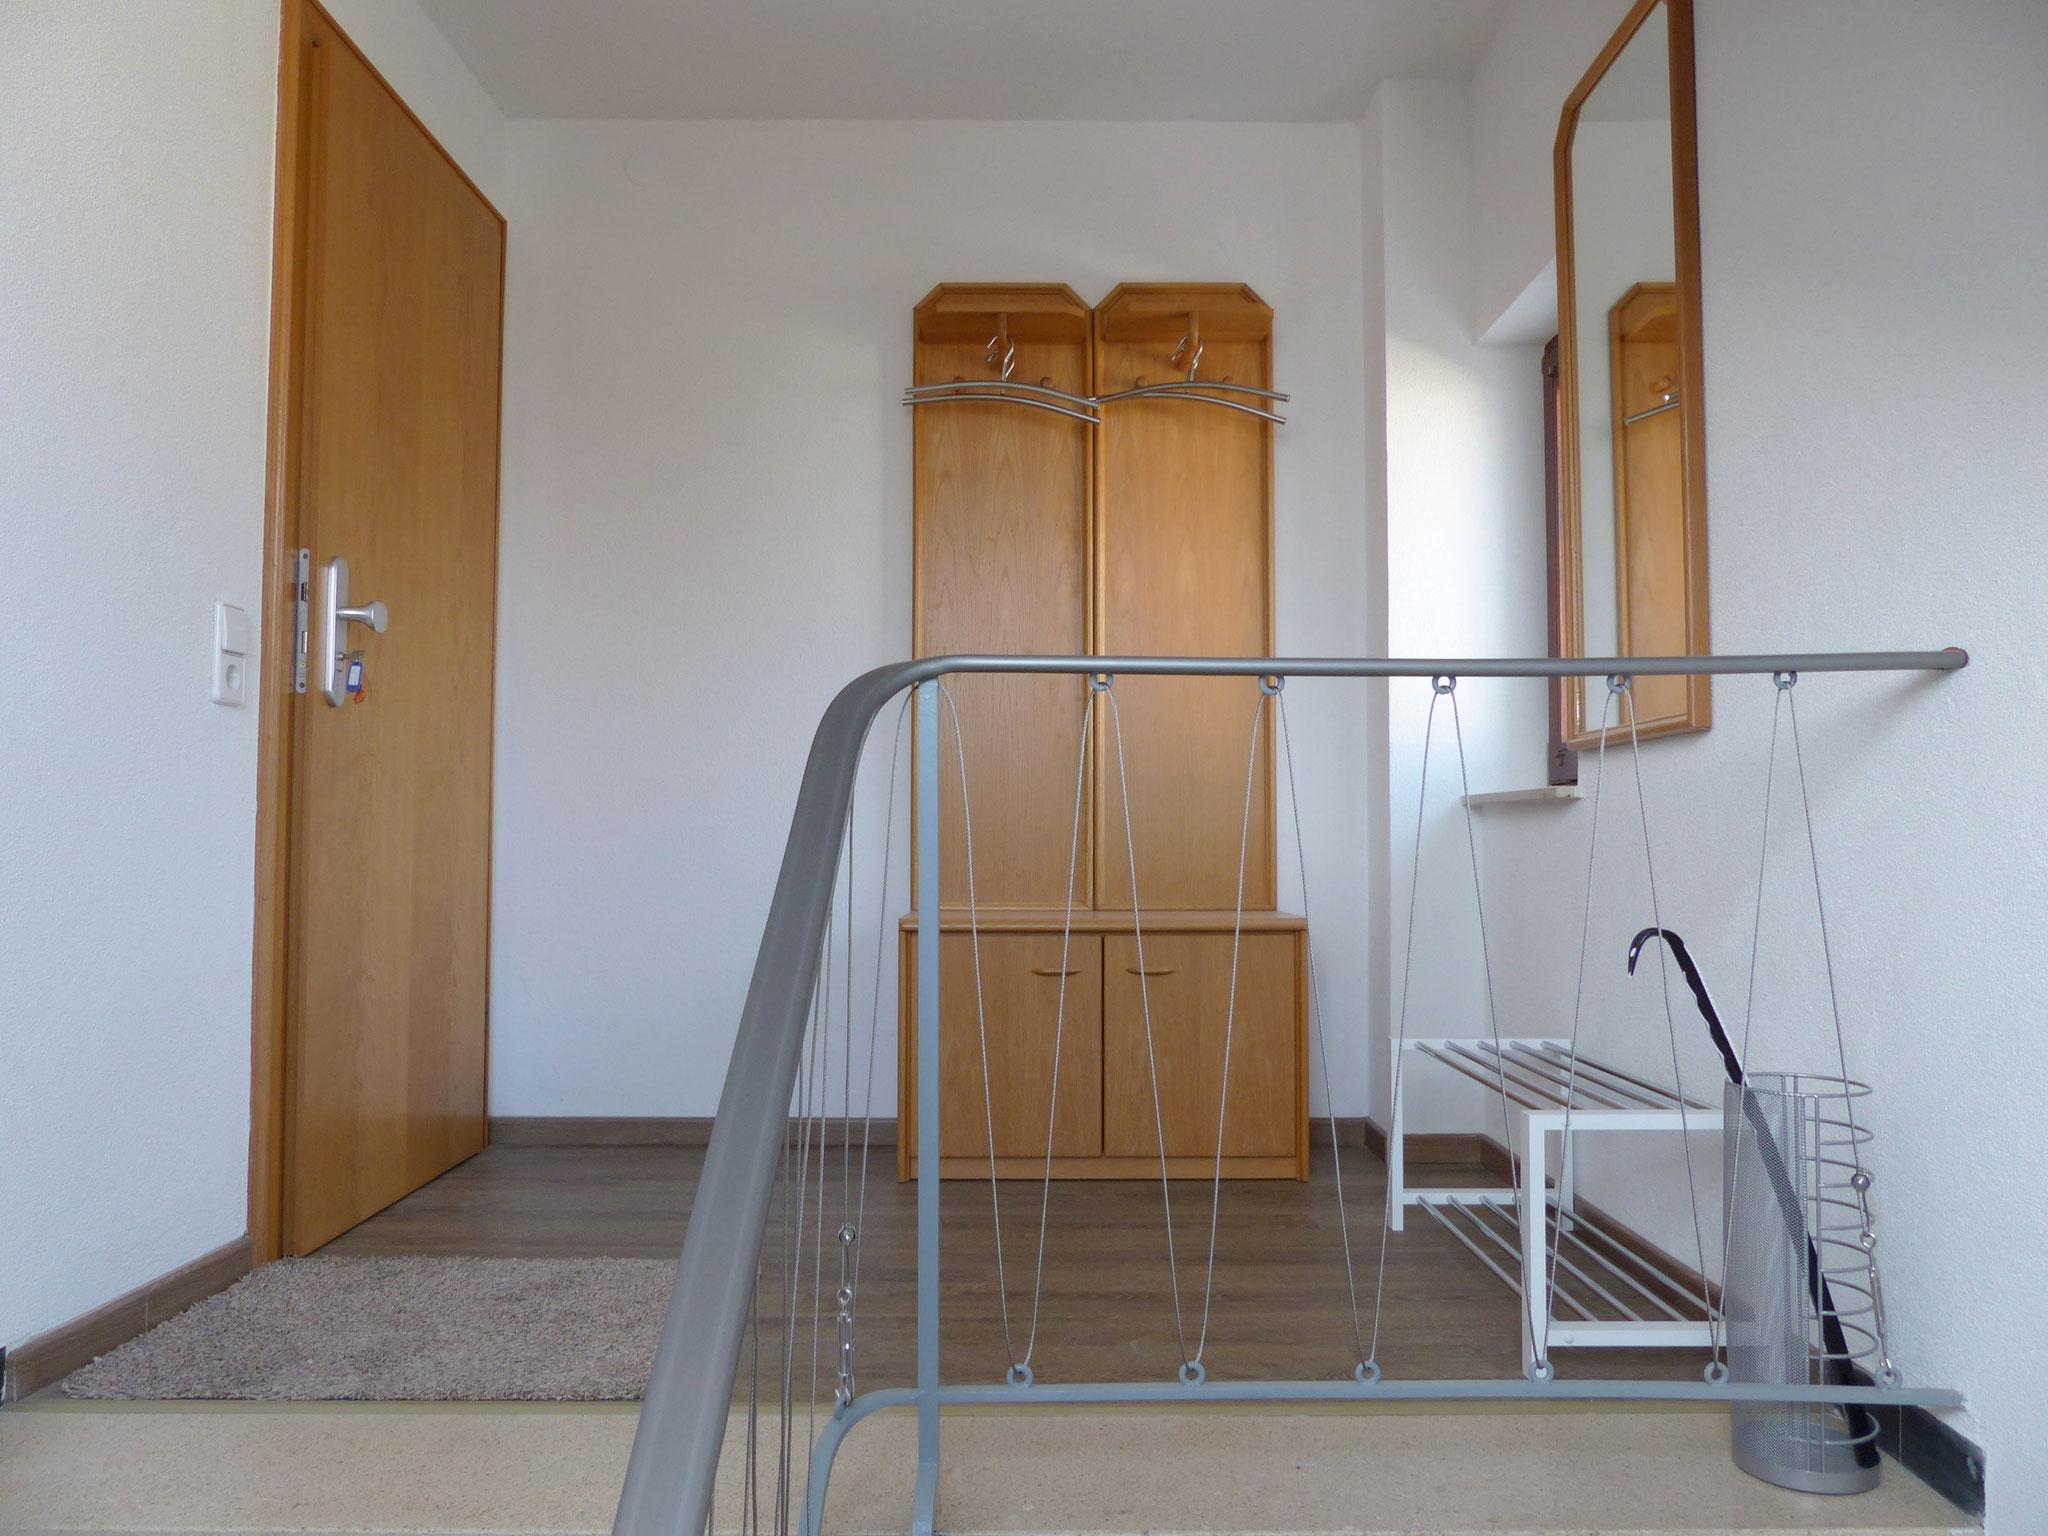 Treppenhausbereich vor Wohnung mit Garderobe